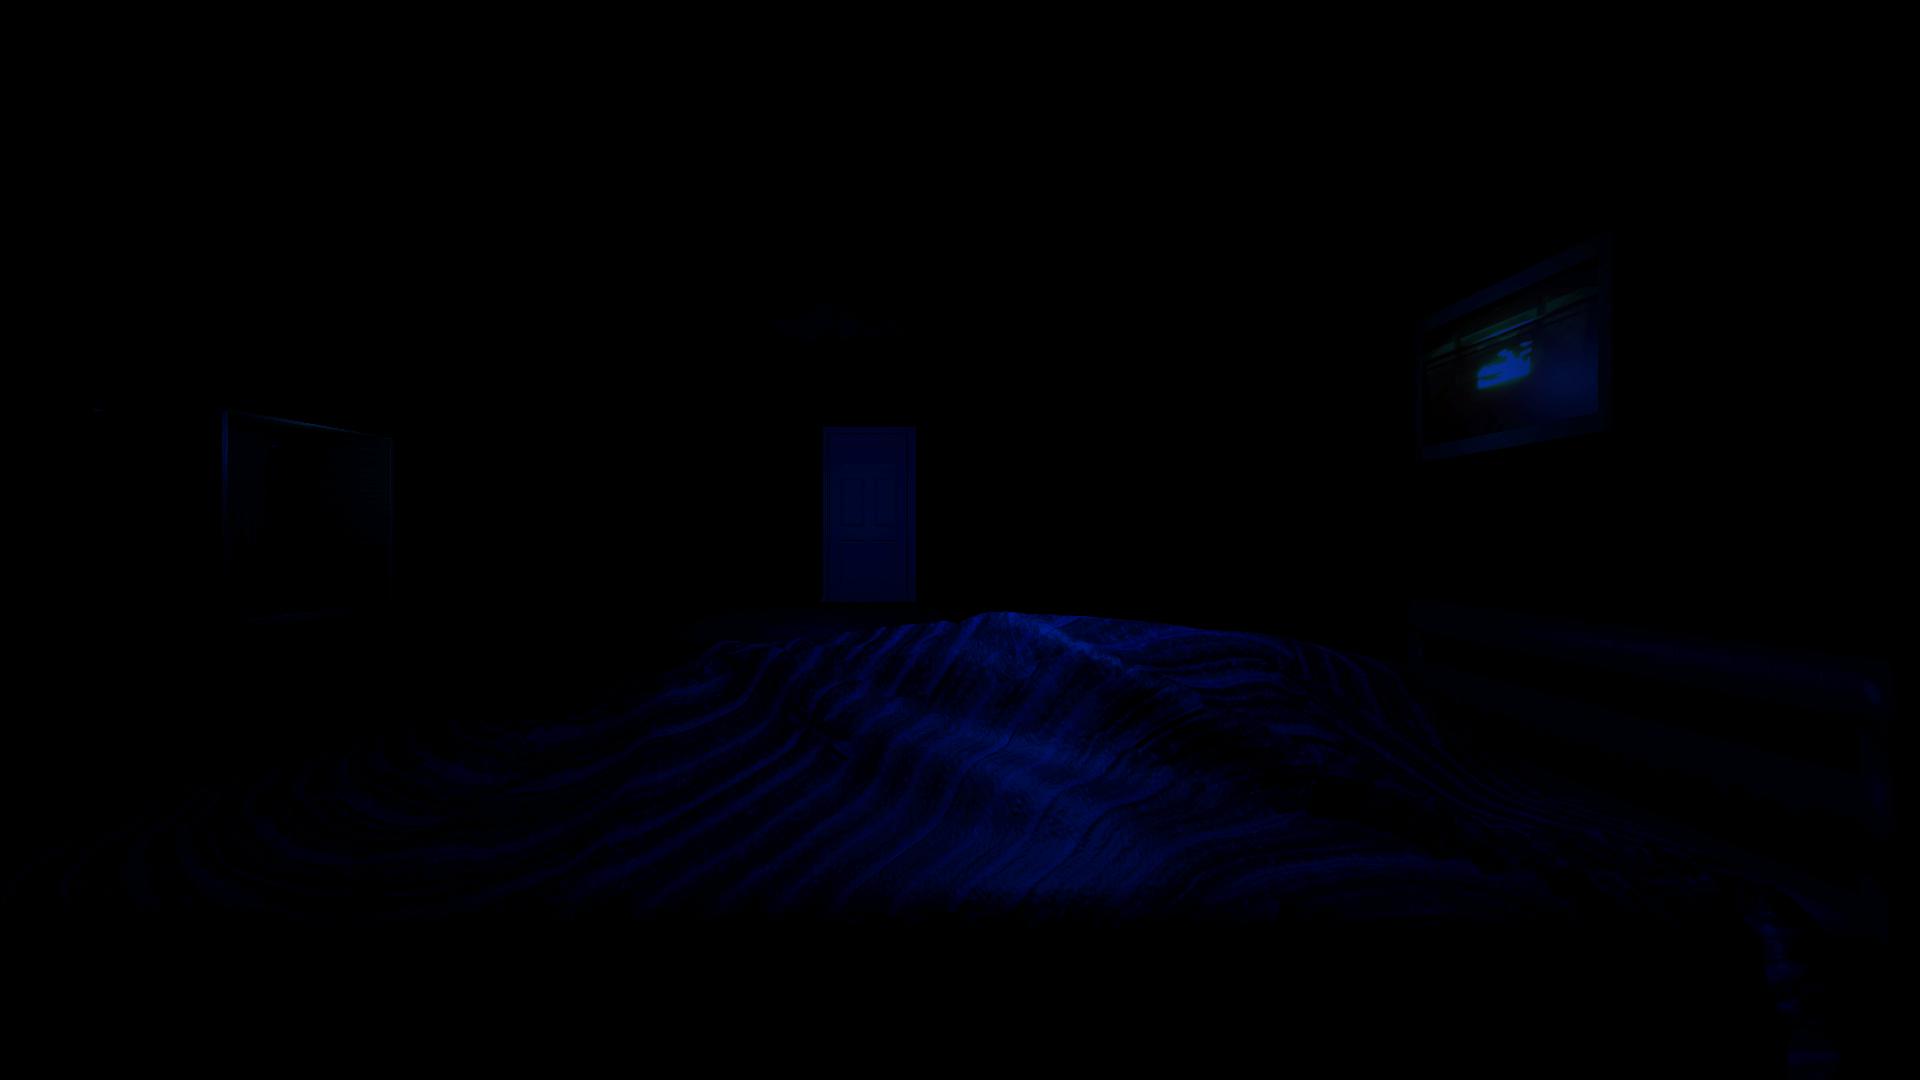 Hopeless light